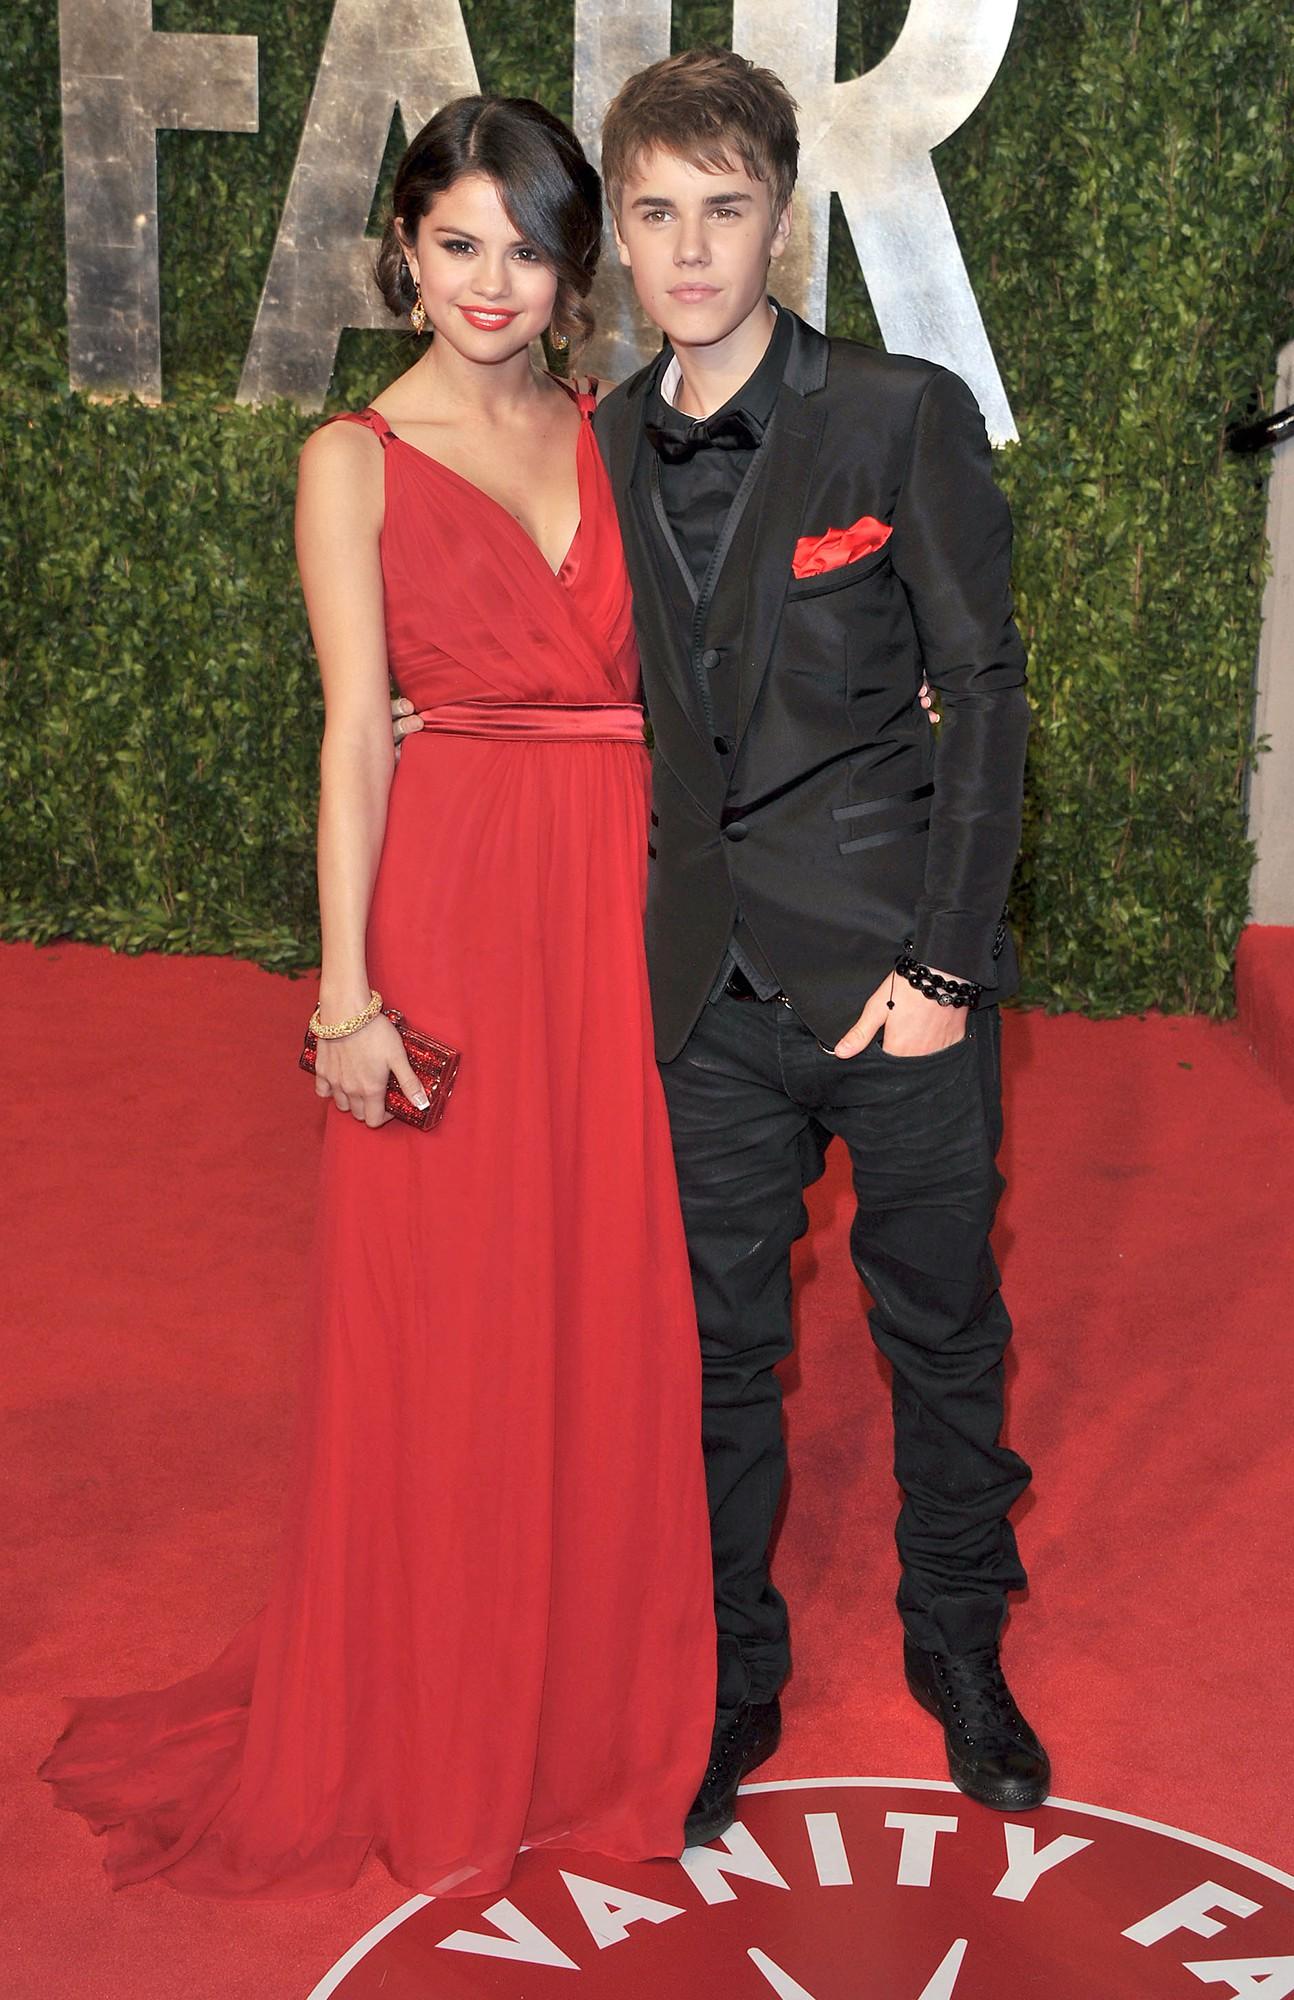 Dù có mặc váy của Dolce&Gabbana thì Selena Gomez vẫn bị Stefano Gabbana - NTK của hãng chê bai như thường - Ảnh 3.